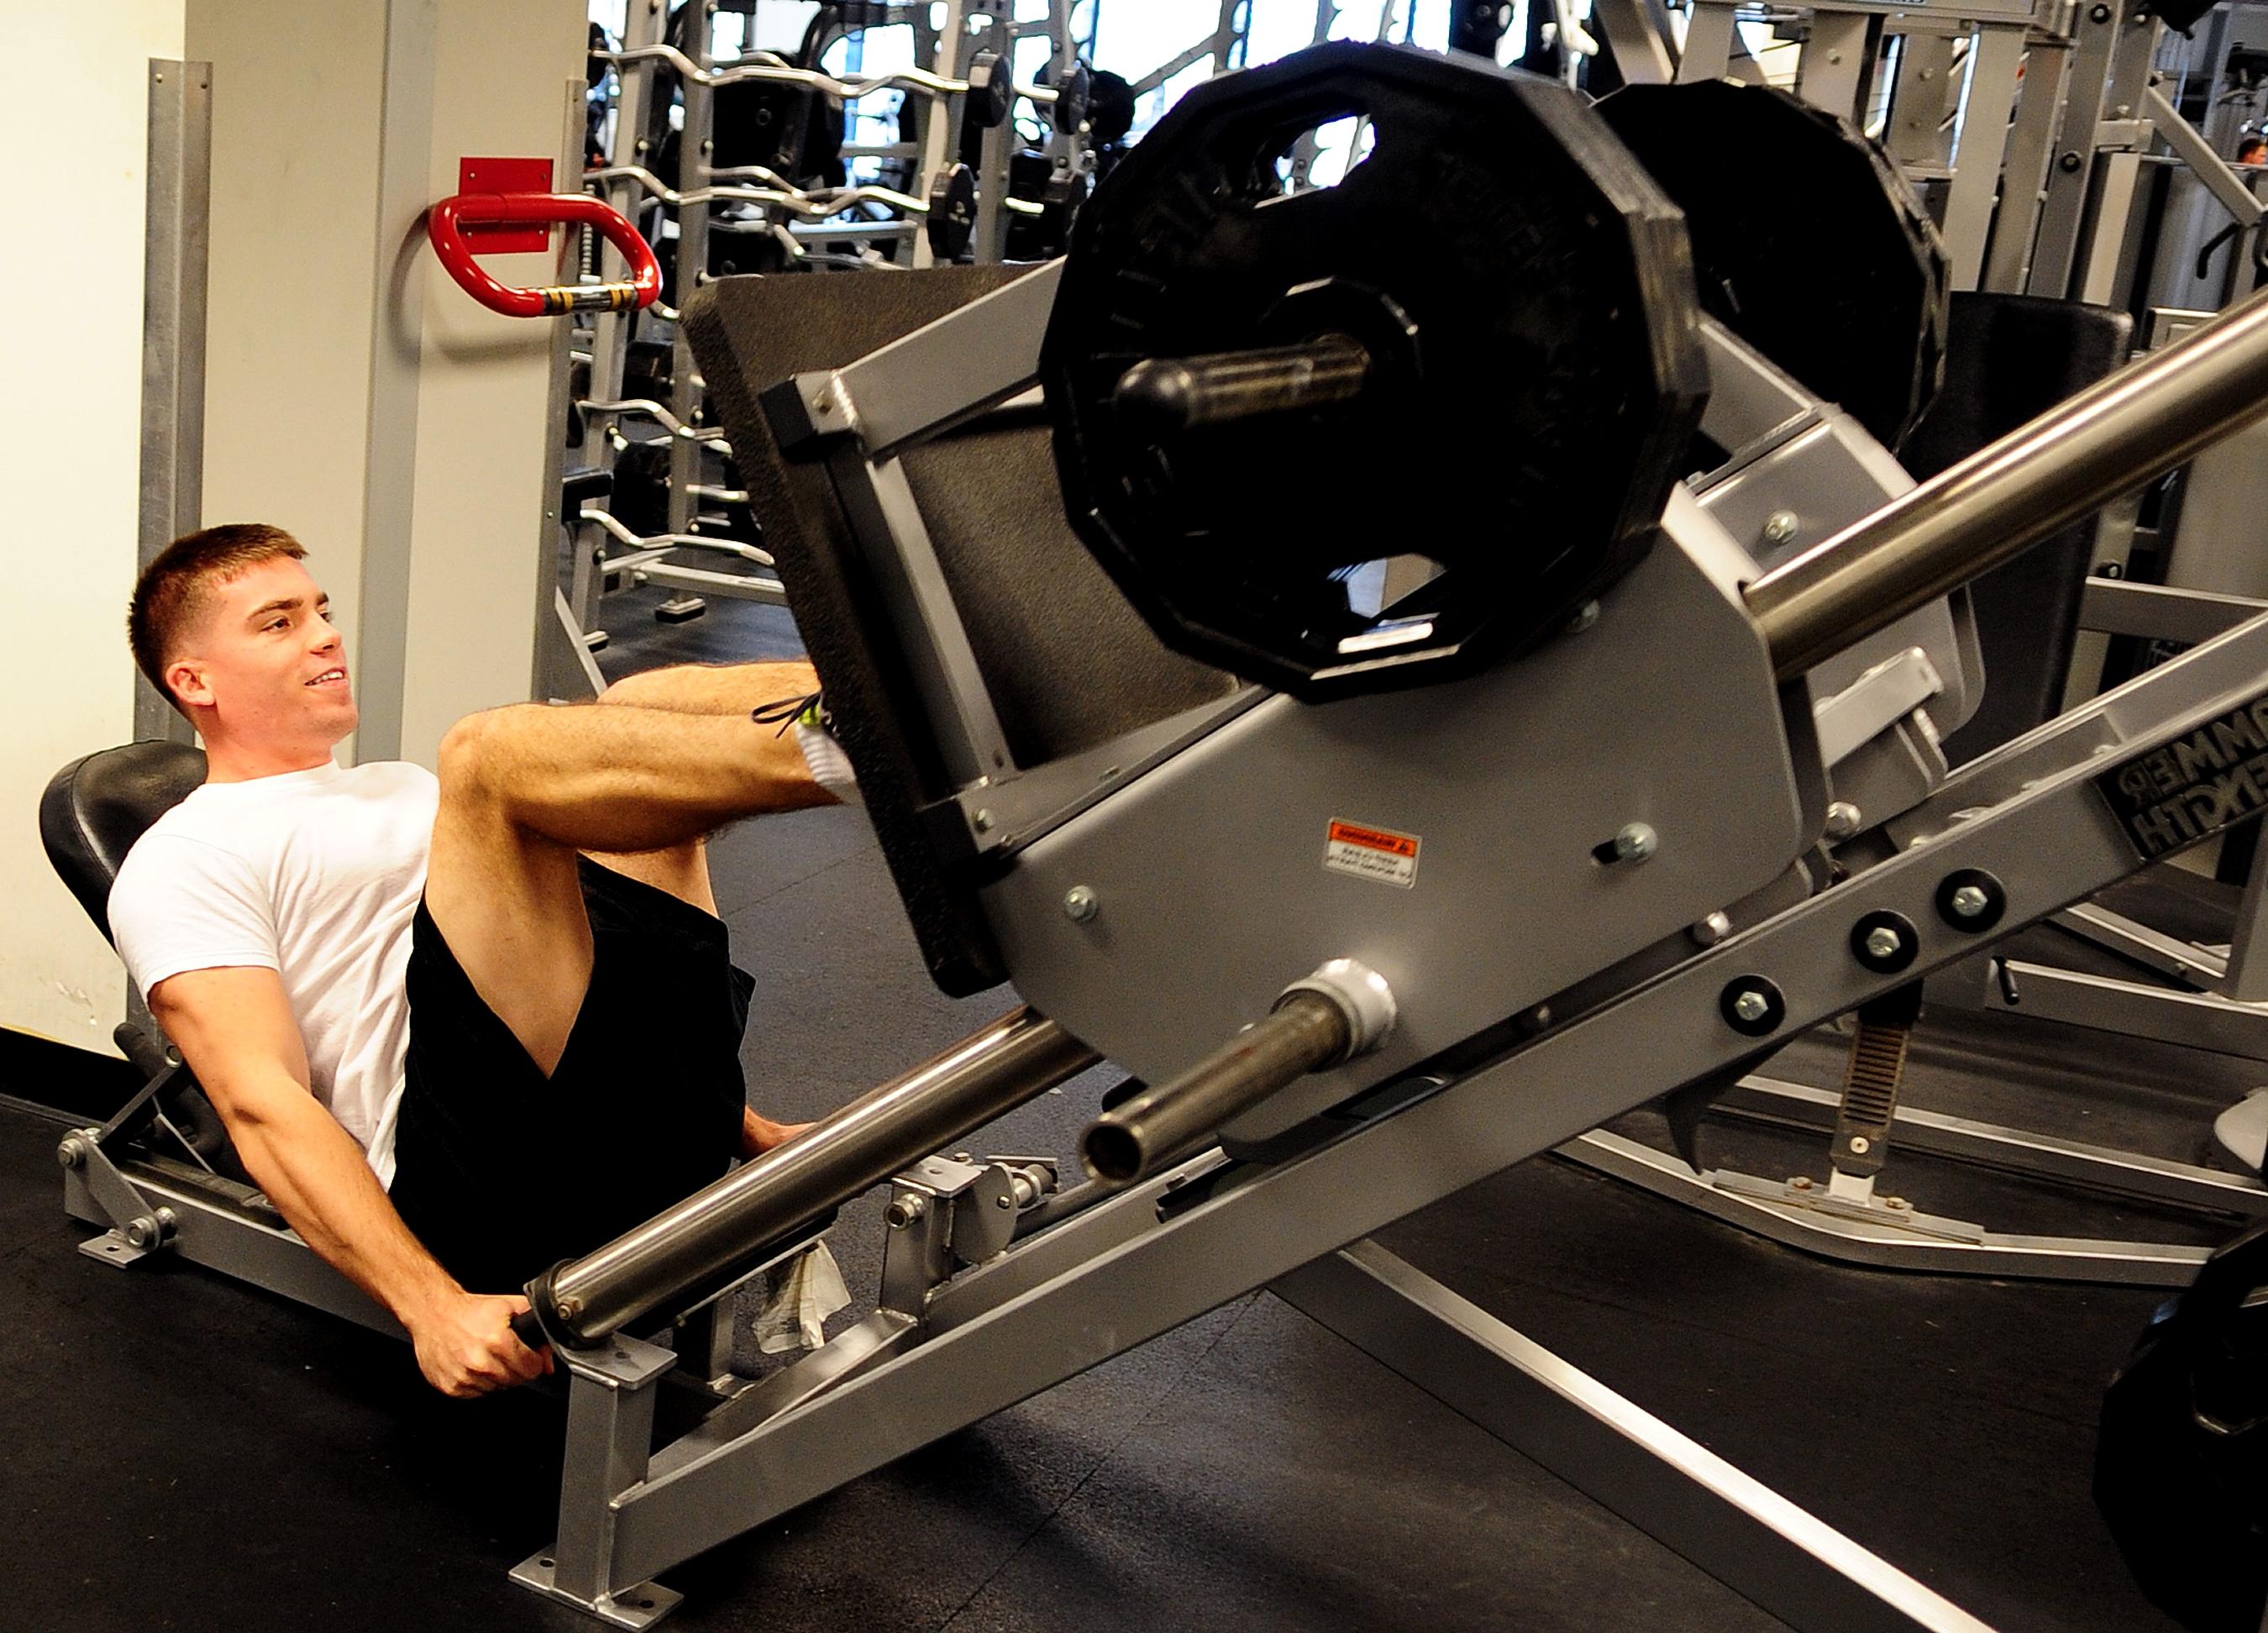 Definire i muscoli delle gambe.